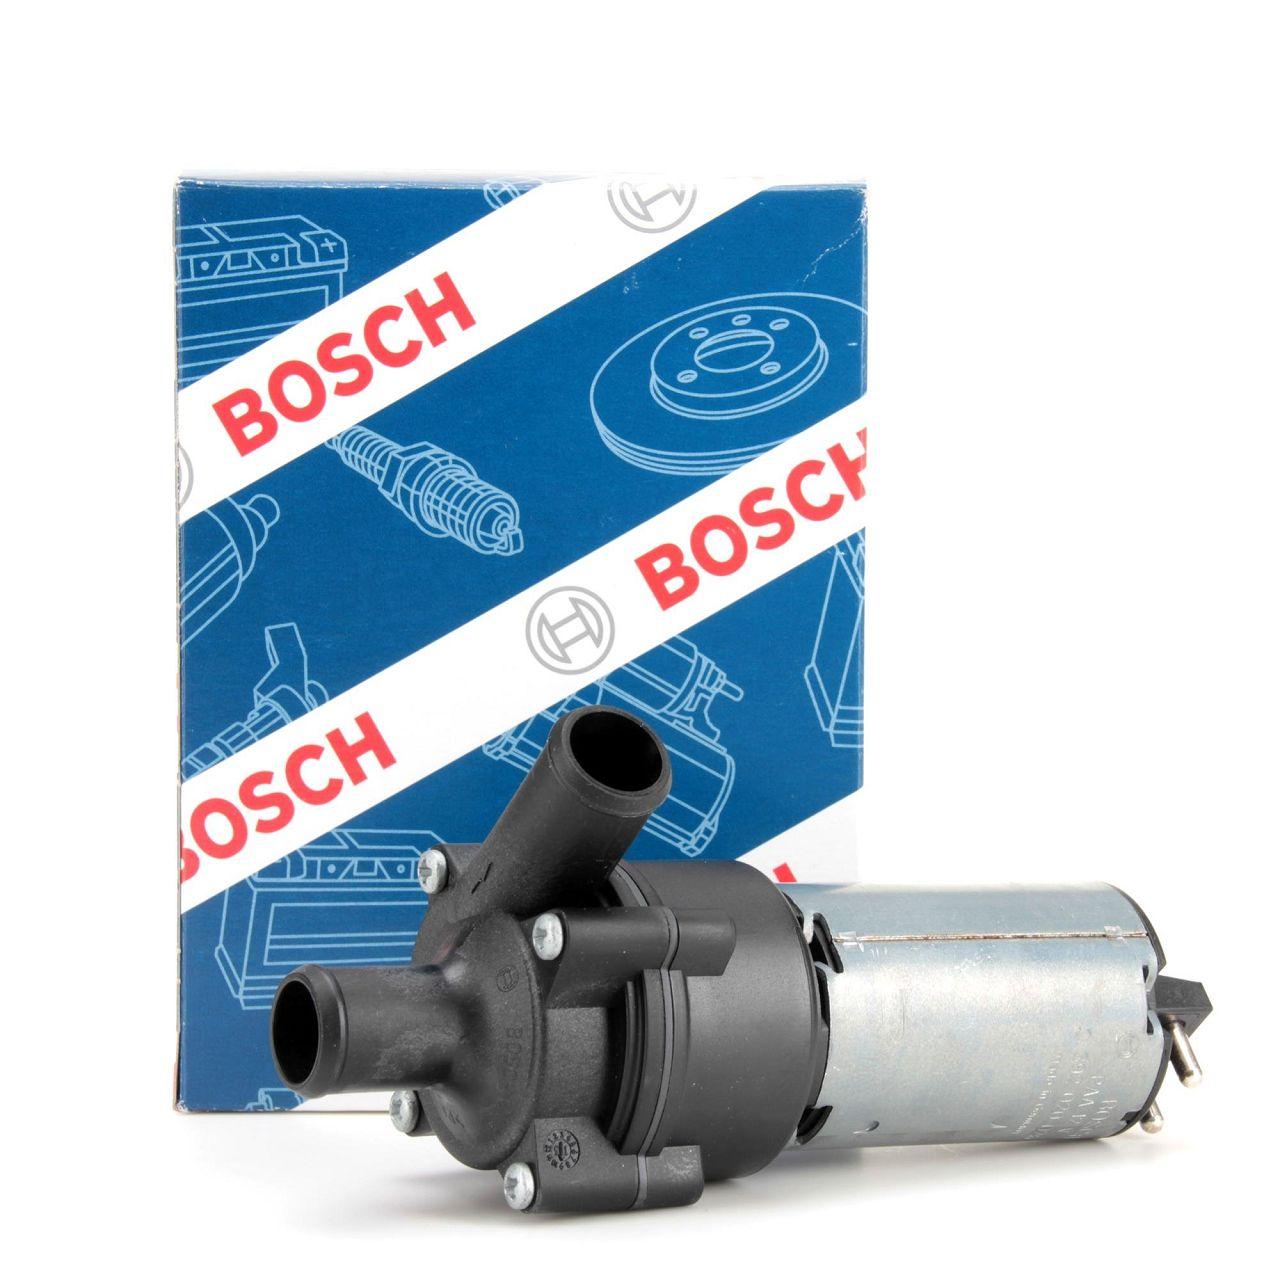 BOSCH Wasserumwälzpumpe Zusatzpumpe für Mercedes W202 W210 C208 Sprinter Vito